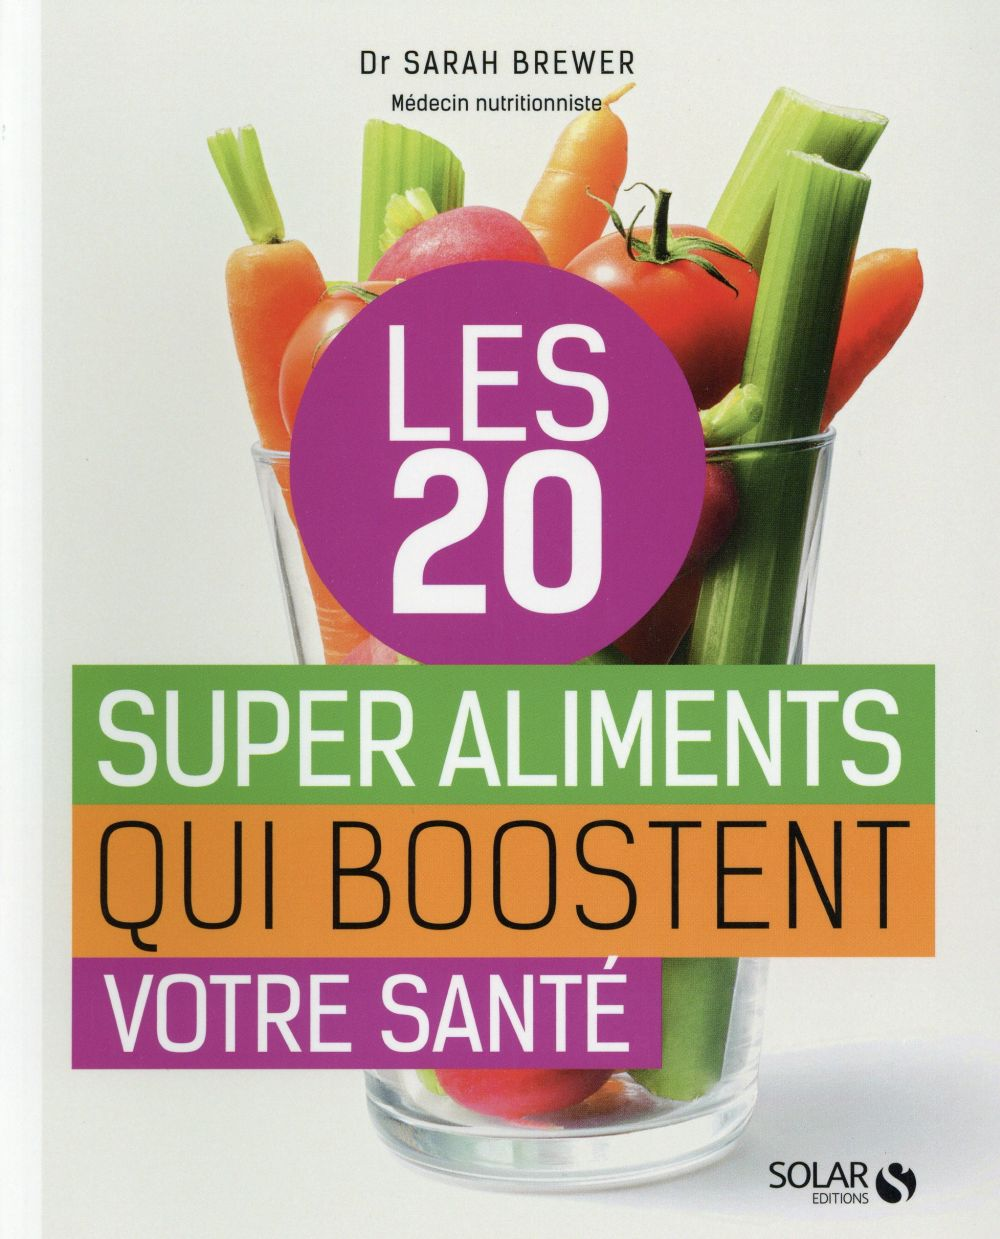 Les 20 supers aliments qui boostent la santé